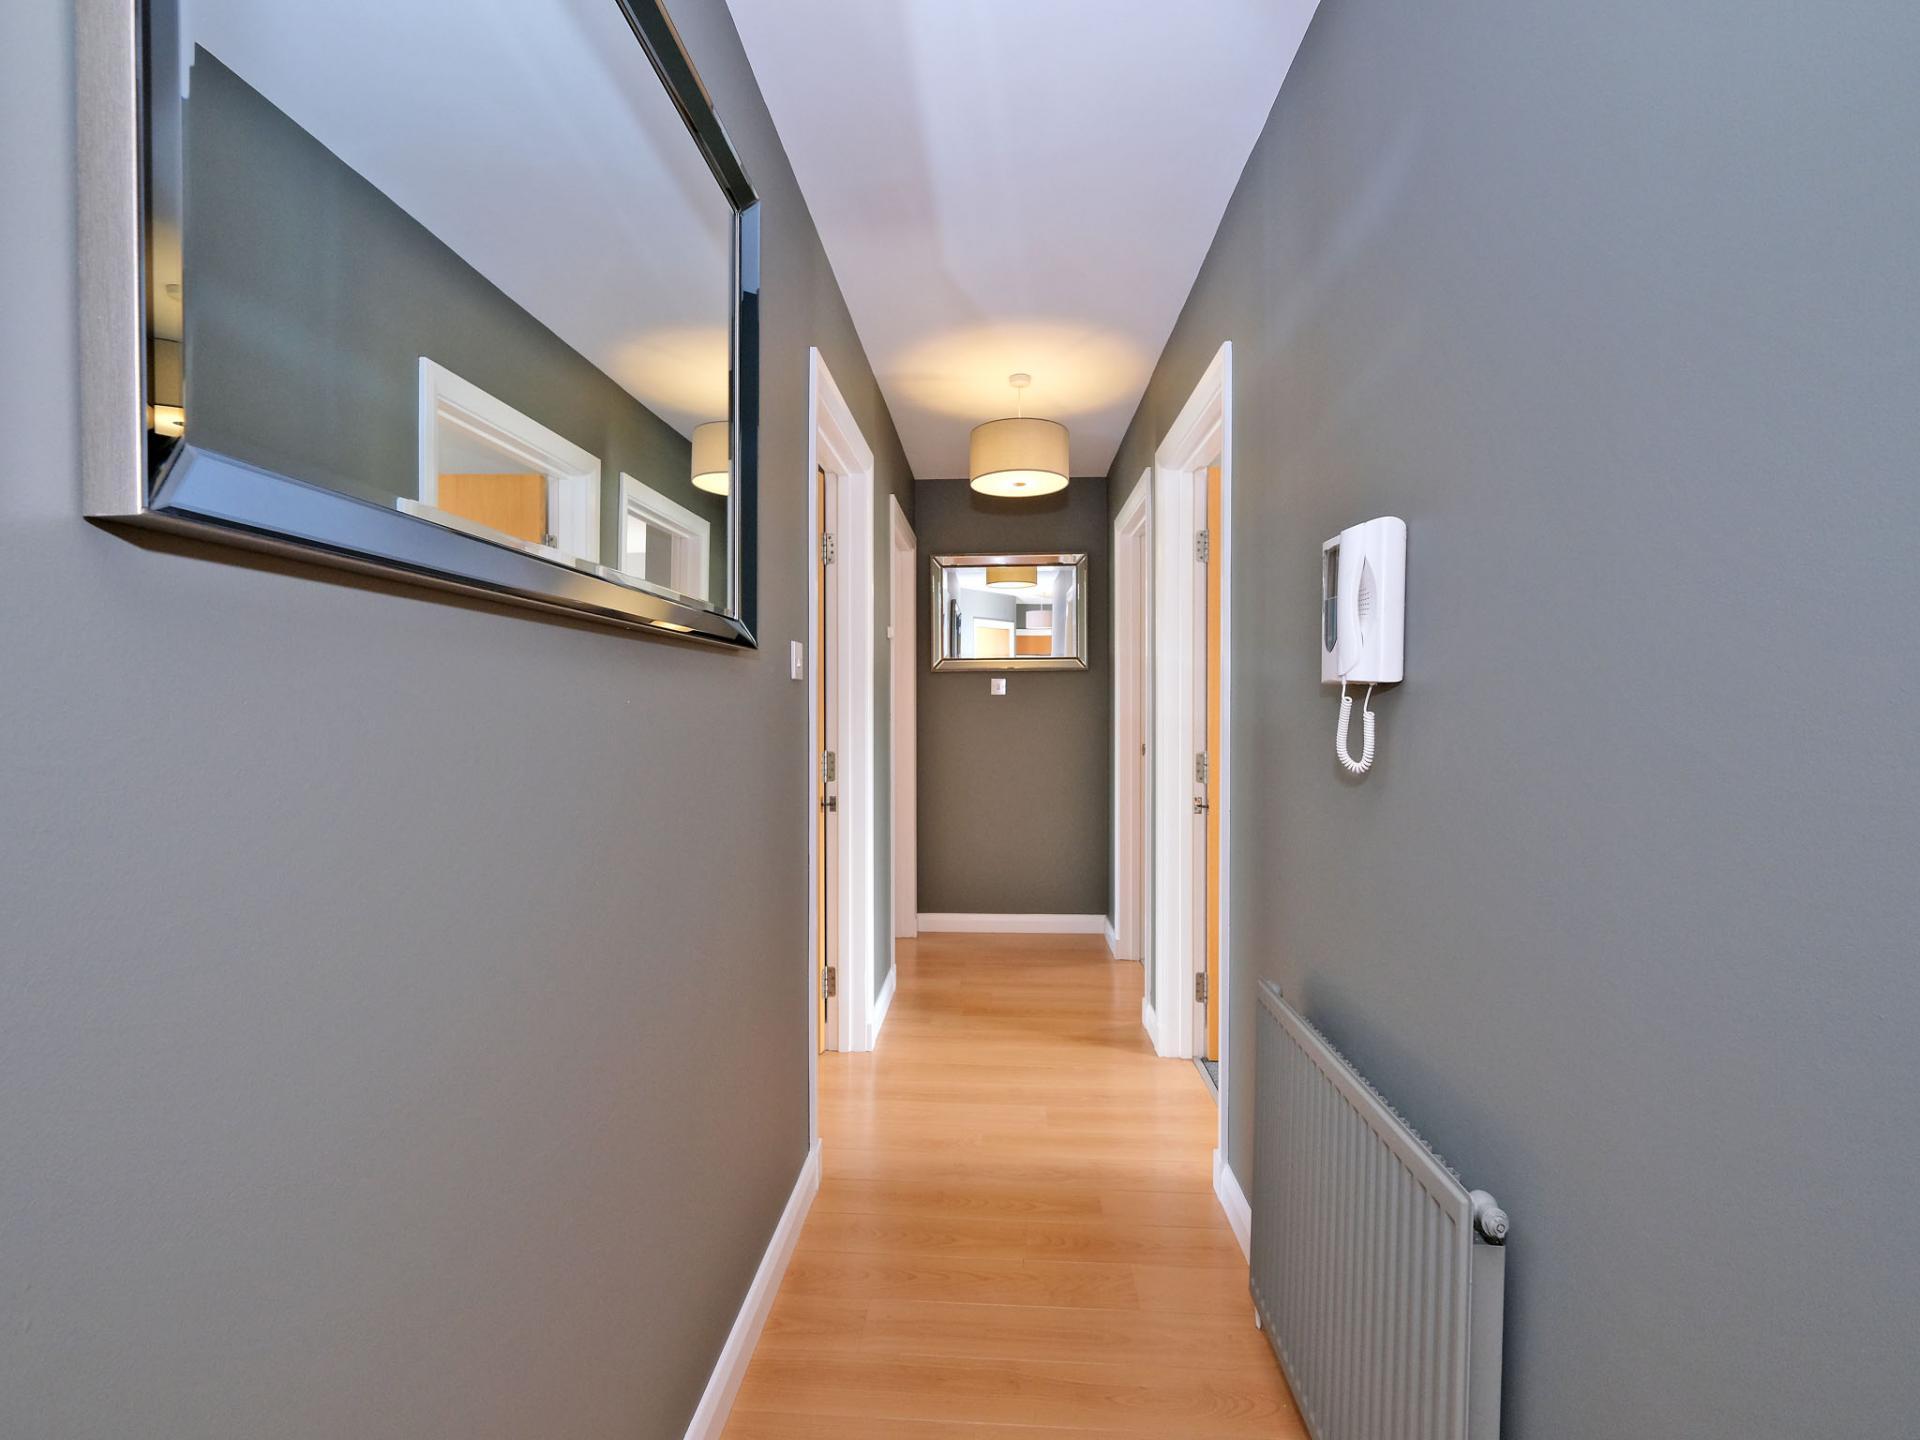 Hallway at Kepplestone Apartments, Mannofield, Aberdeen - Citybase Apartments